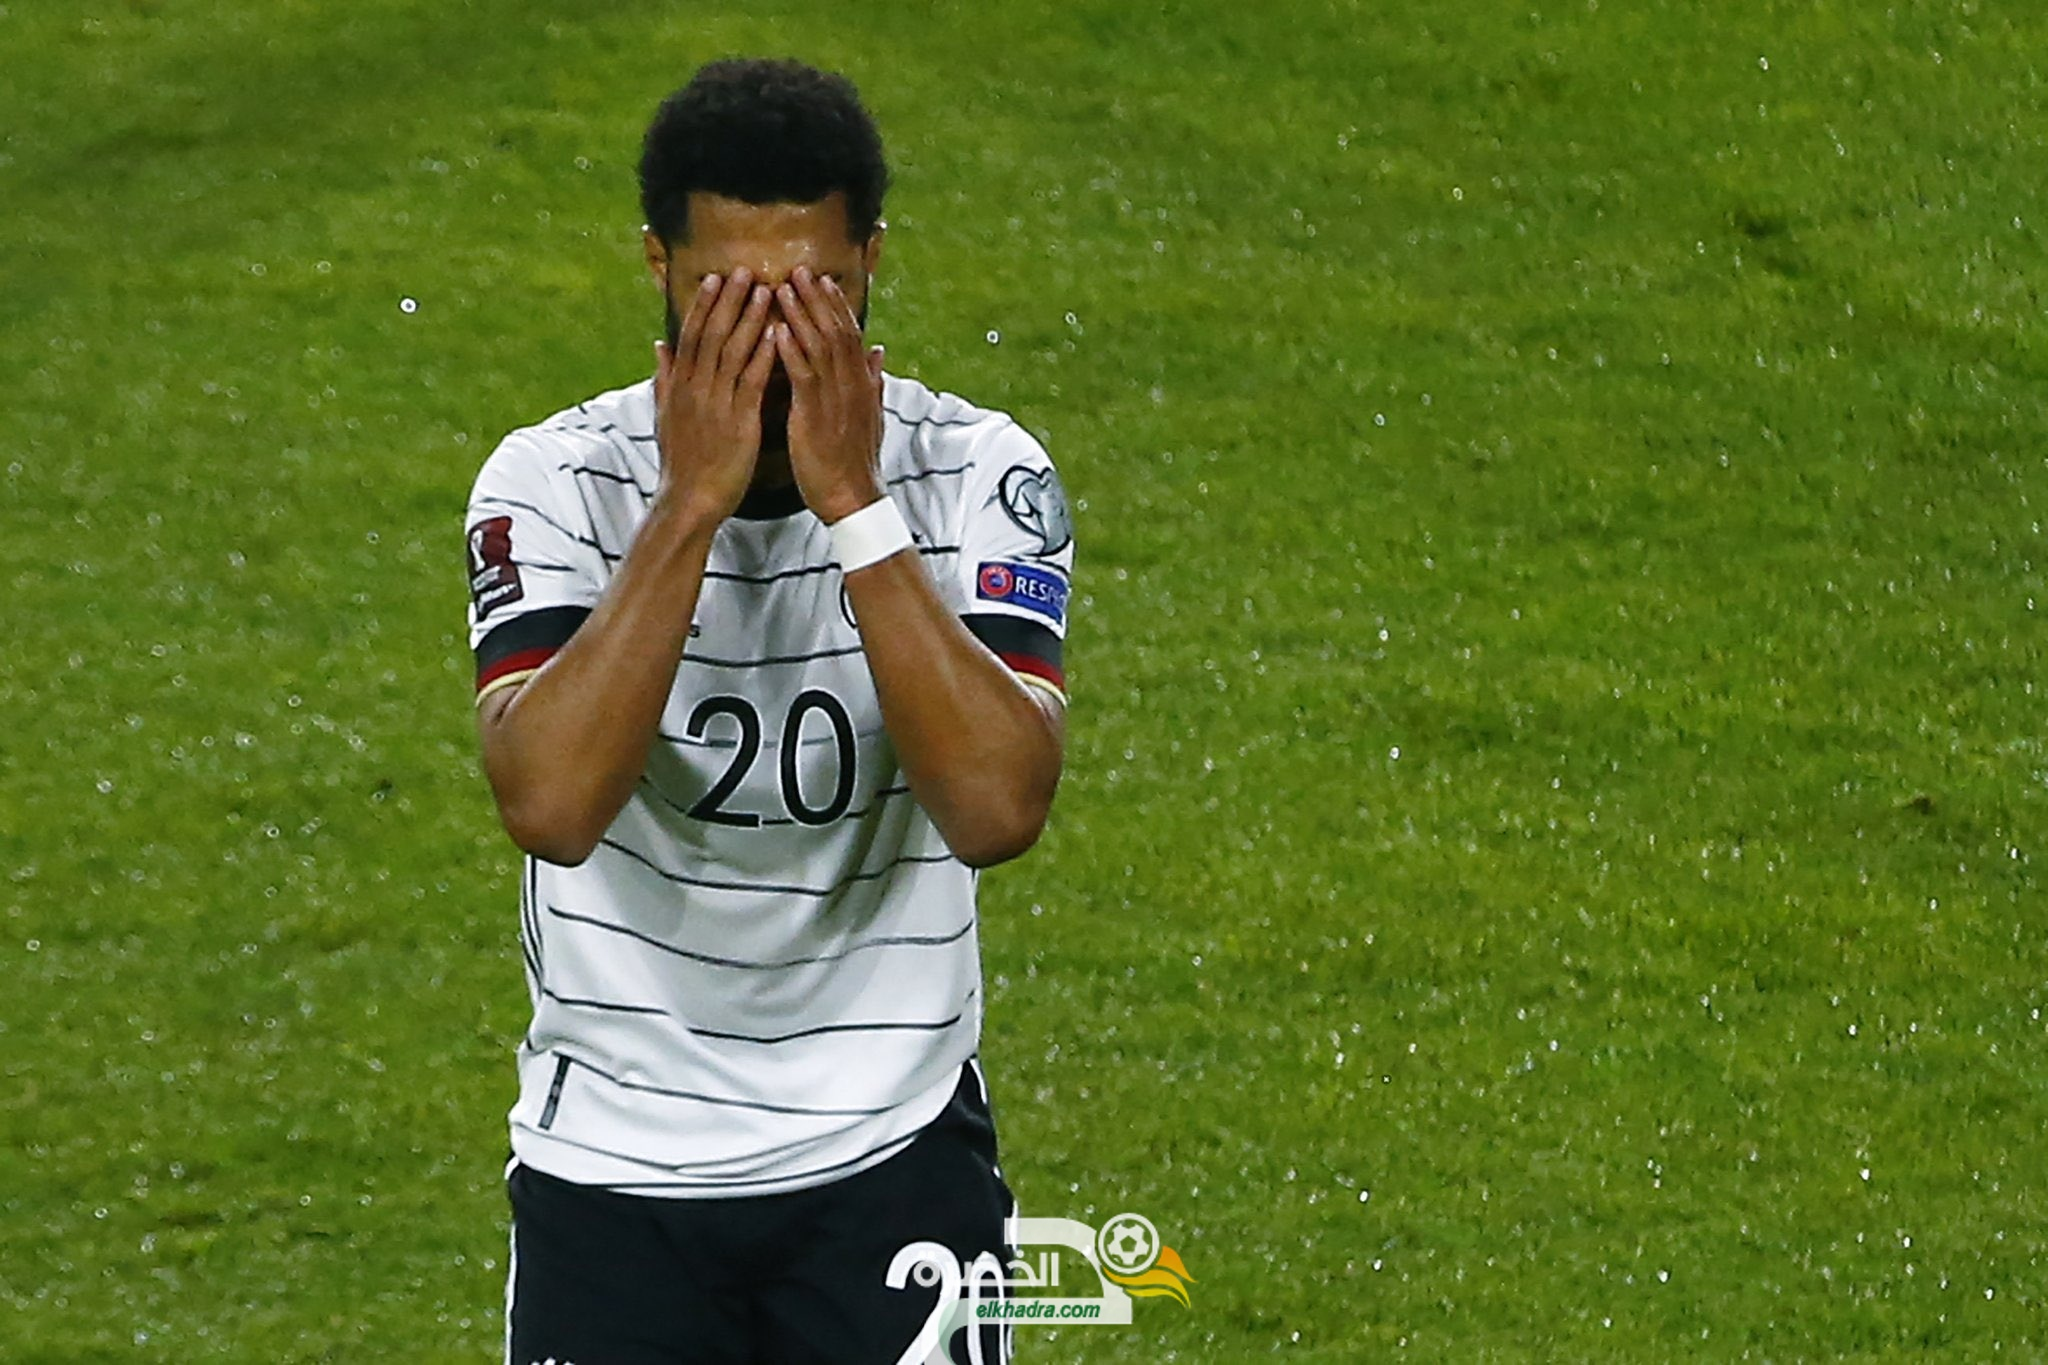 مقدونيا الشمالية تحقق فوزاً تاريخيًا على ألمانيا في تصفيات كأس العالم 2022 5